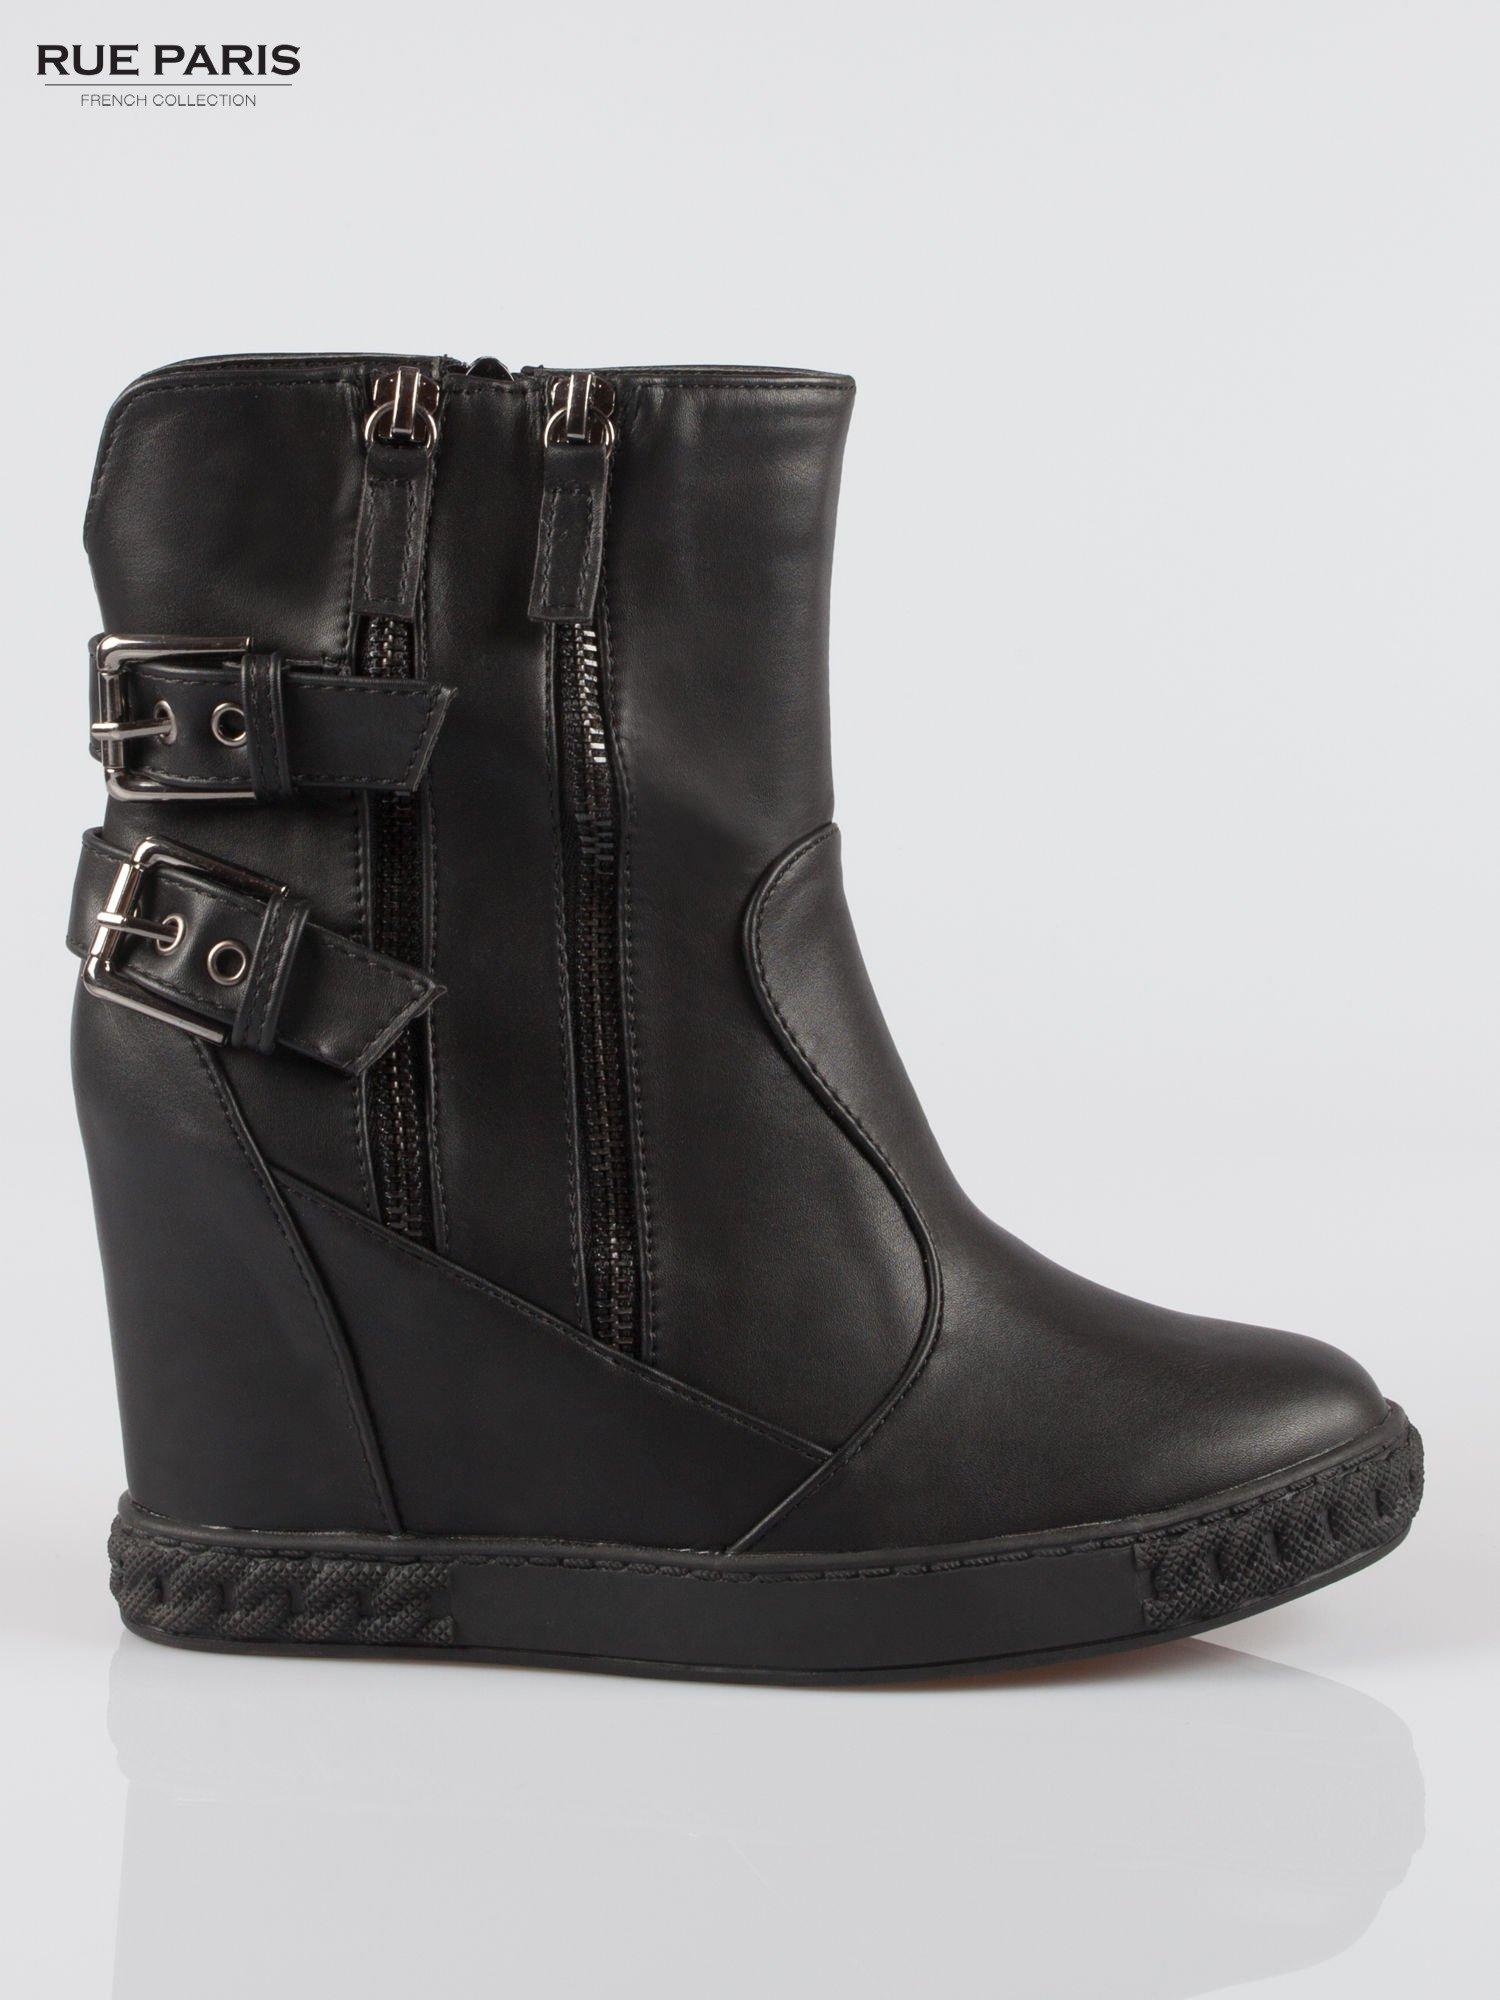 Czarne botki w stylu sneakersów z zamkami i klamrami                                  zdj.                                  1